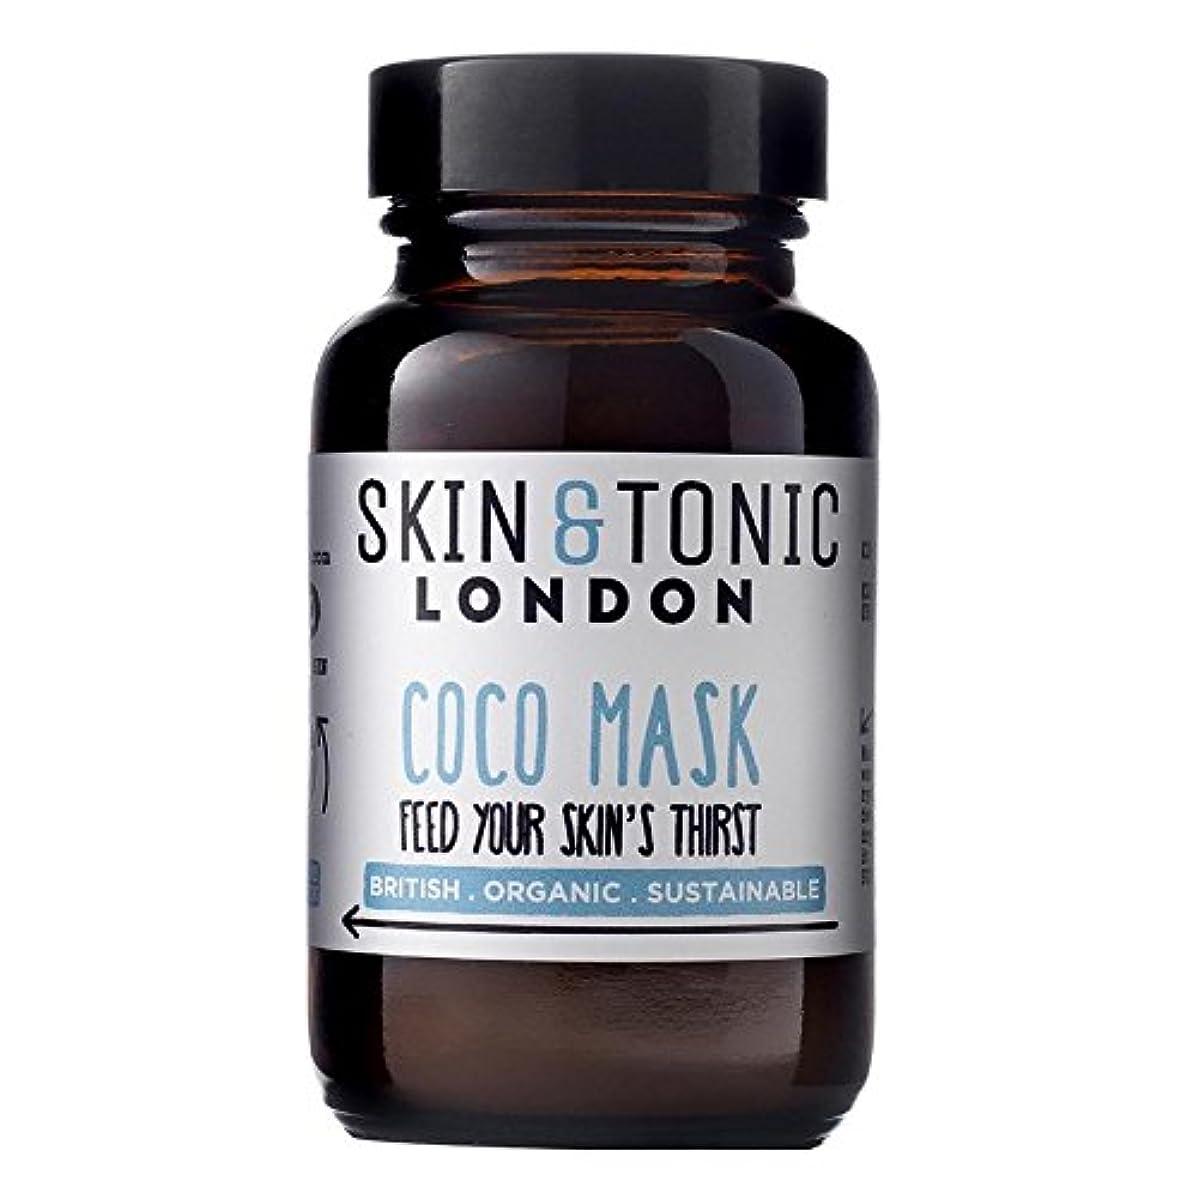 散る形容詞会計スキン&トニックロンドンココマスク50グラム x2 - Skin & Tonic London Coco Mask 50g (Pack of 2) [並行輸入品]